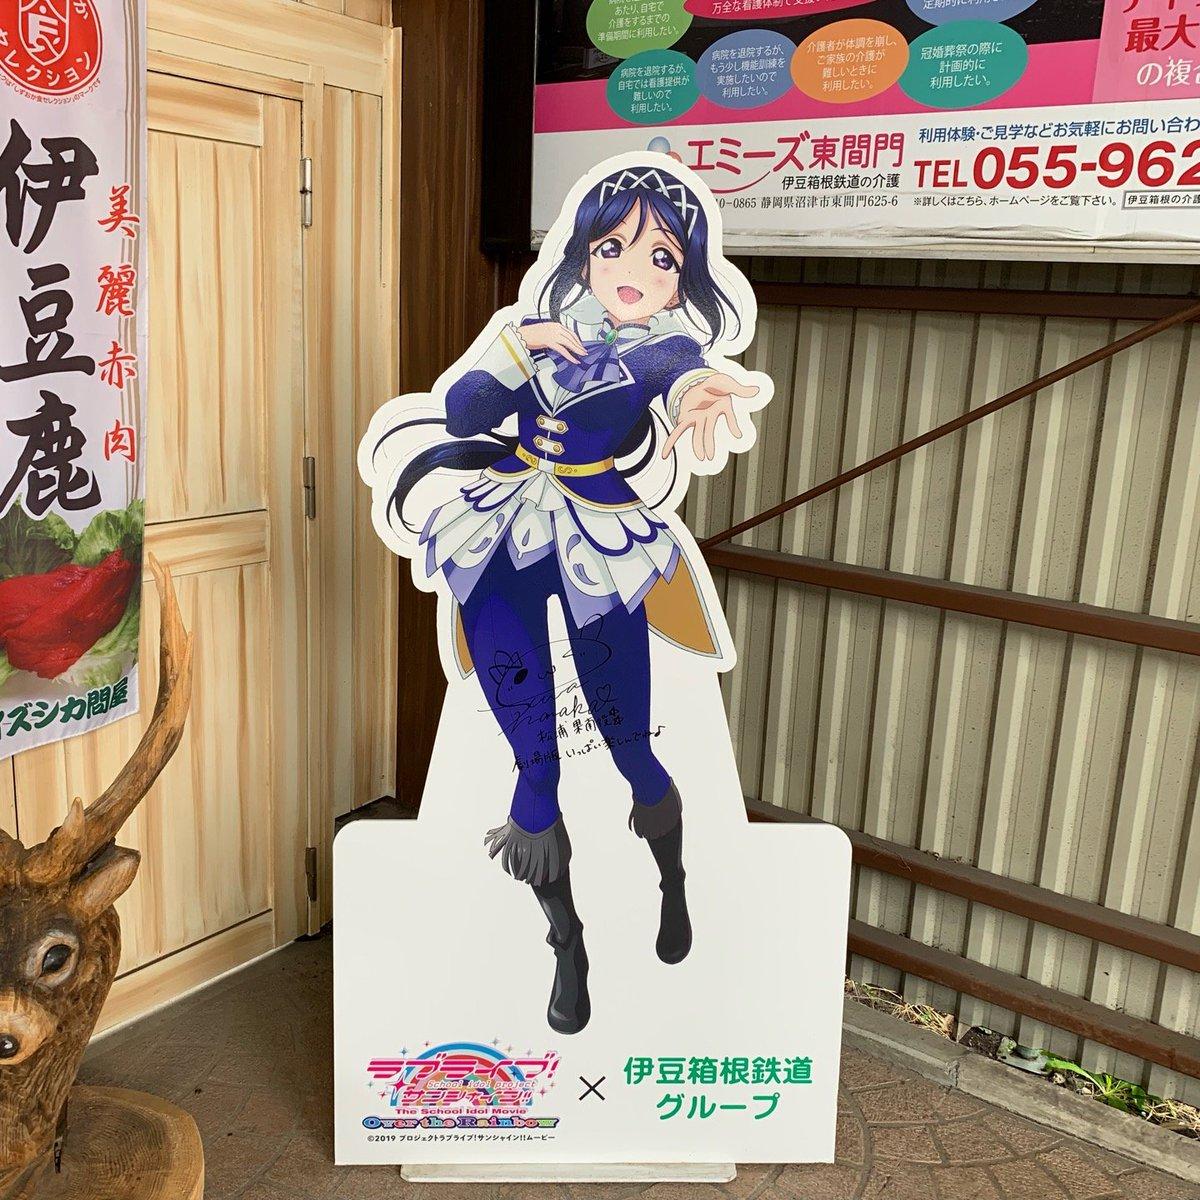 伊豆箱根鉄道 三島駅 パネル(松浦果南)